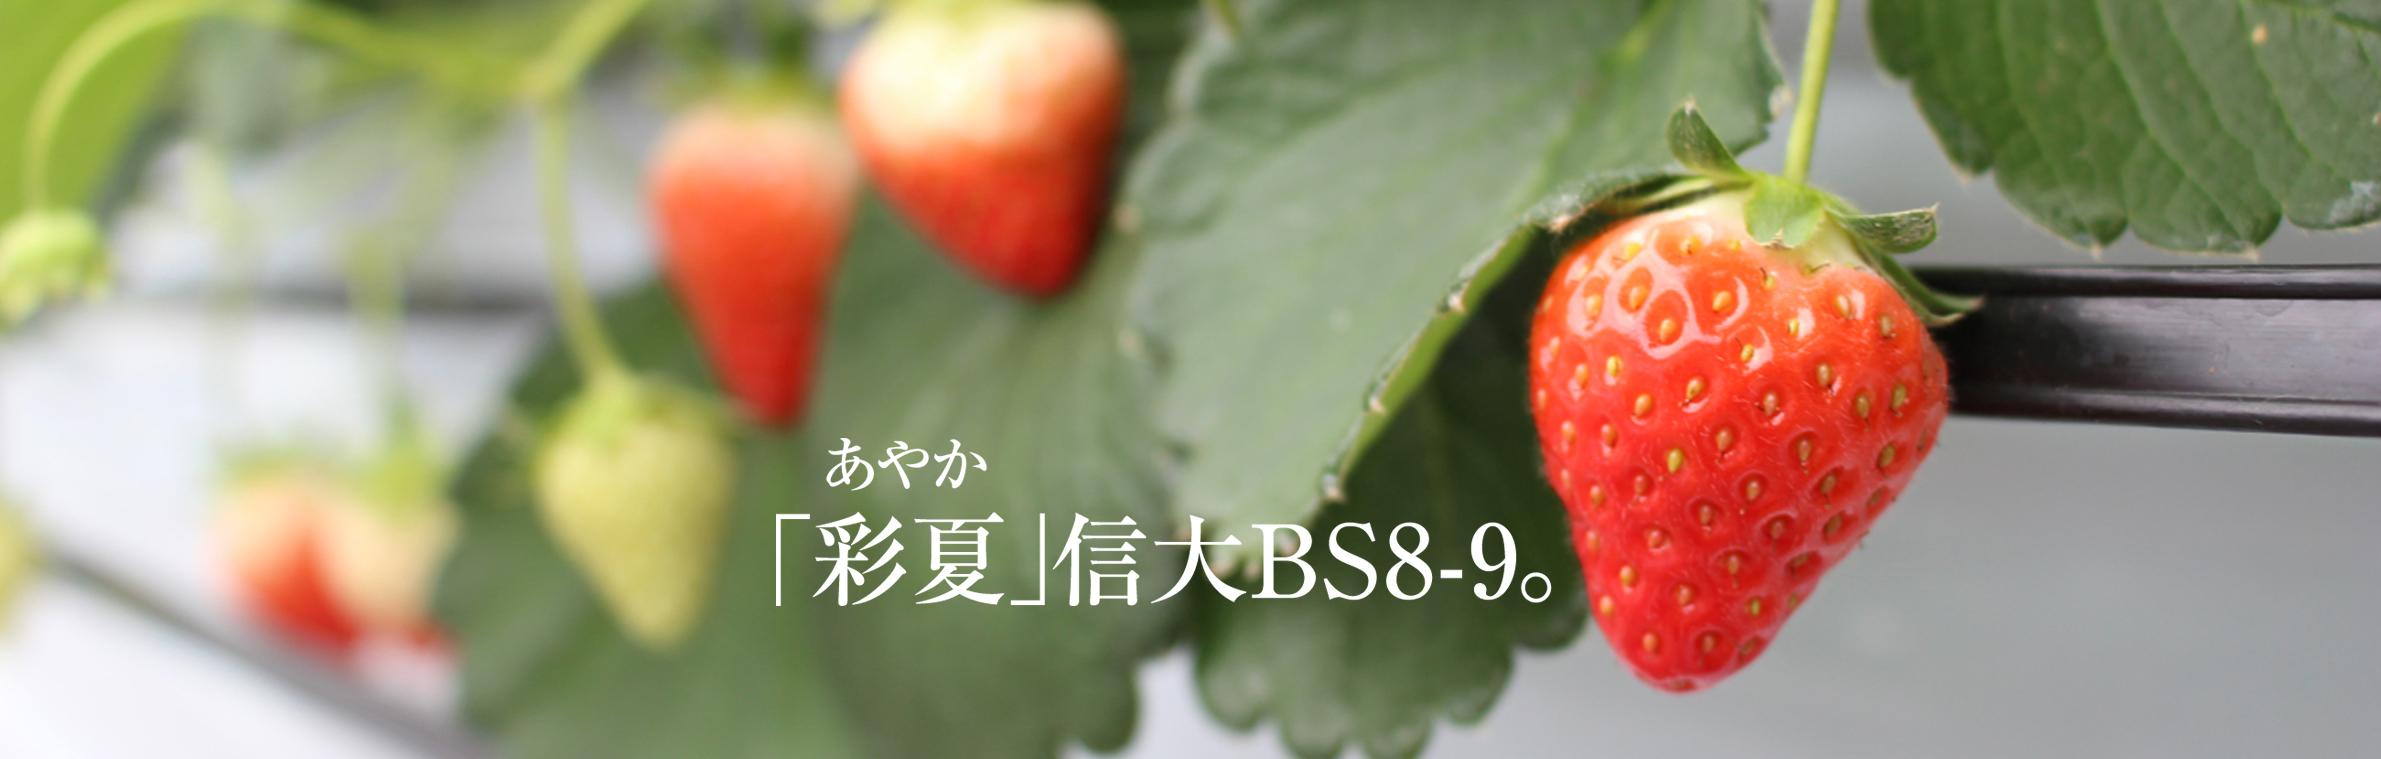 彩夏 信大BS8-9